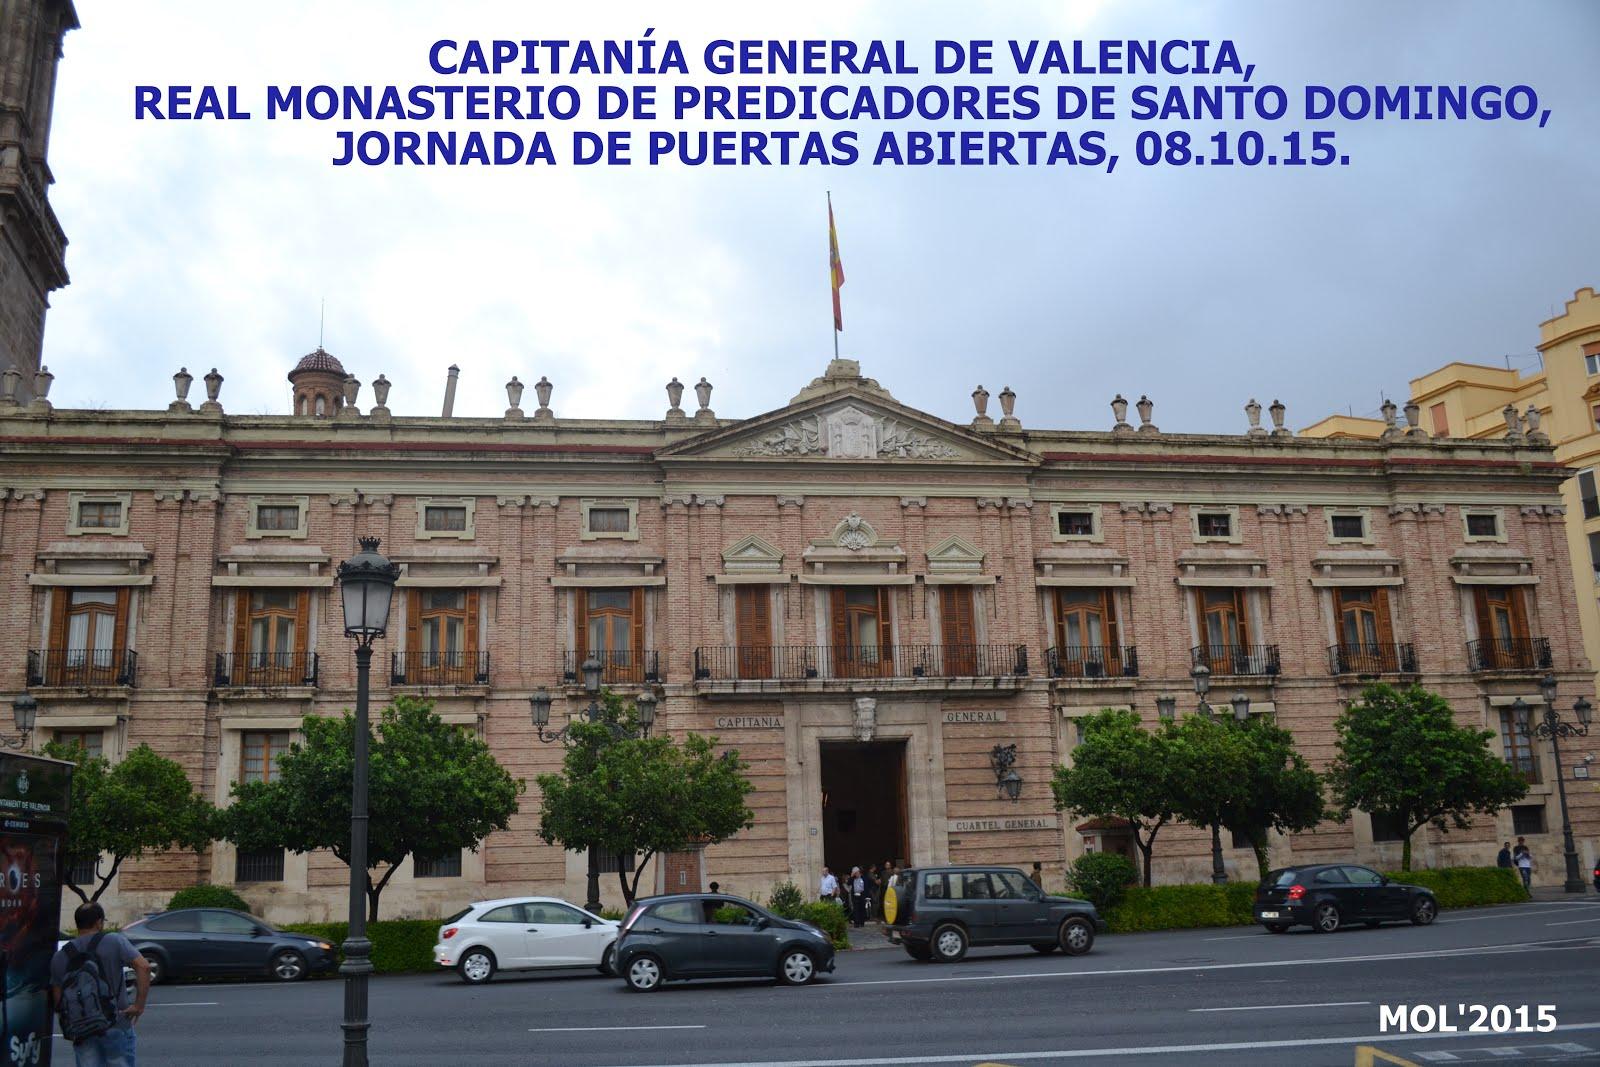 08.10.15 CAPITANÍA GENERAL DE VALENCIA, JORNADA DE PUERTAS ABIERTAS